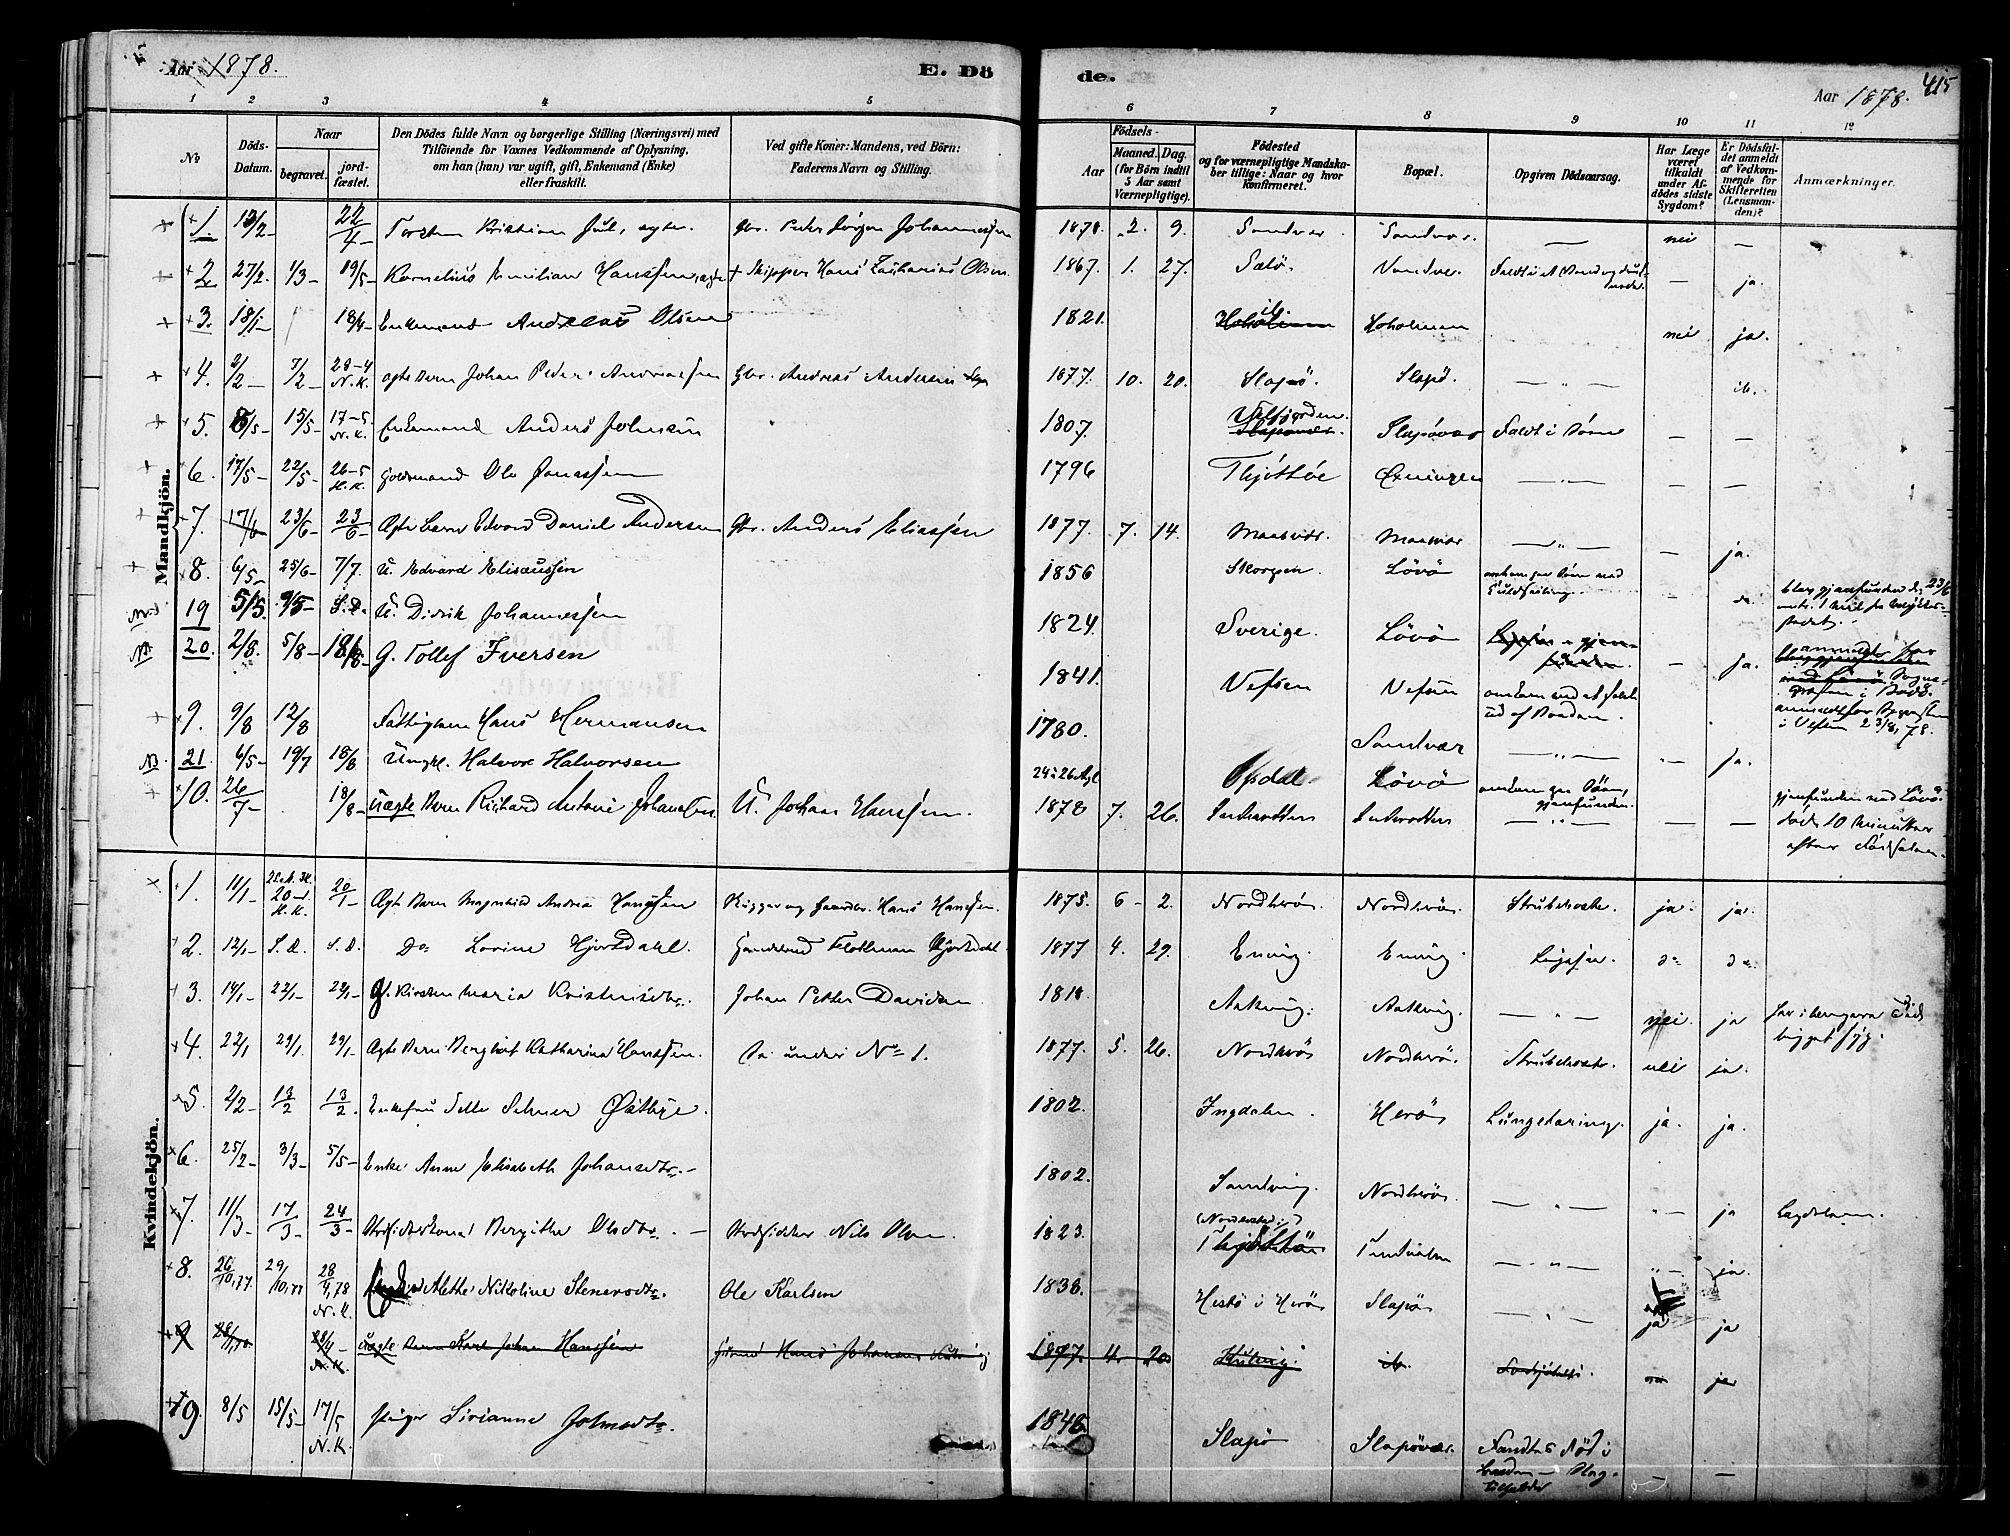 SAT, Ministerialprotokoller, klokkerbøker og fødselsregistre - Nordland, 834/L0507: Parish register (official) no. 834A05, 1878-1892, p. 415